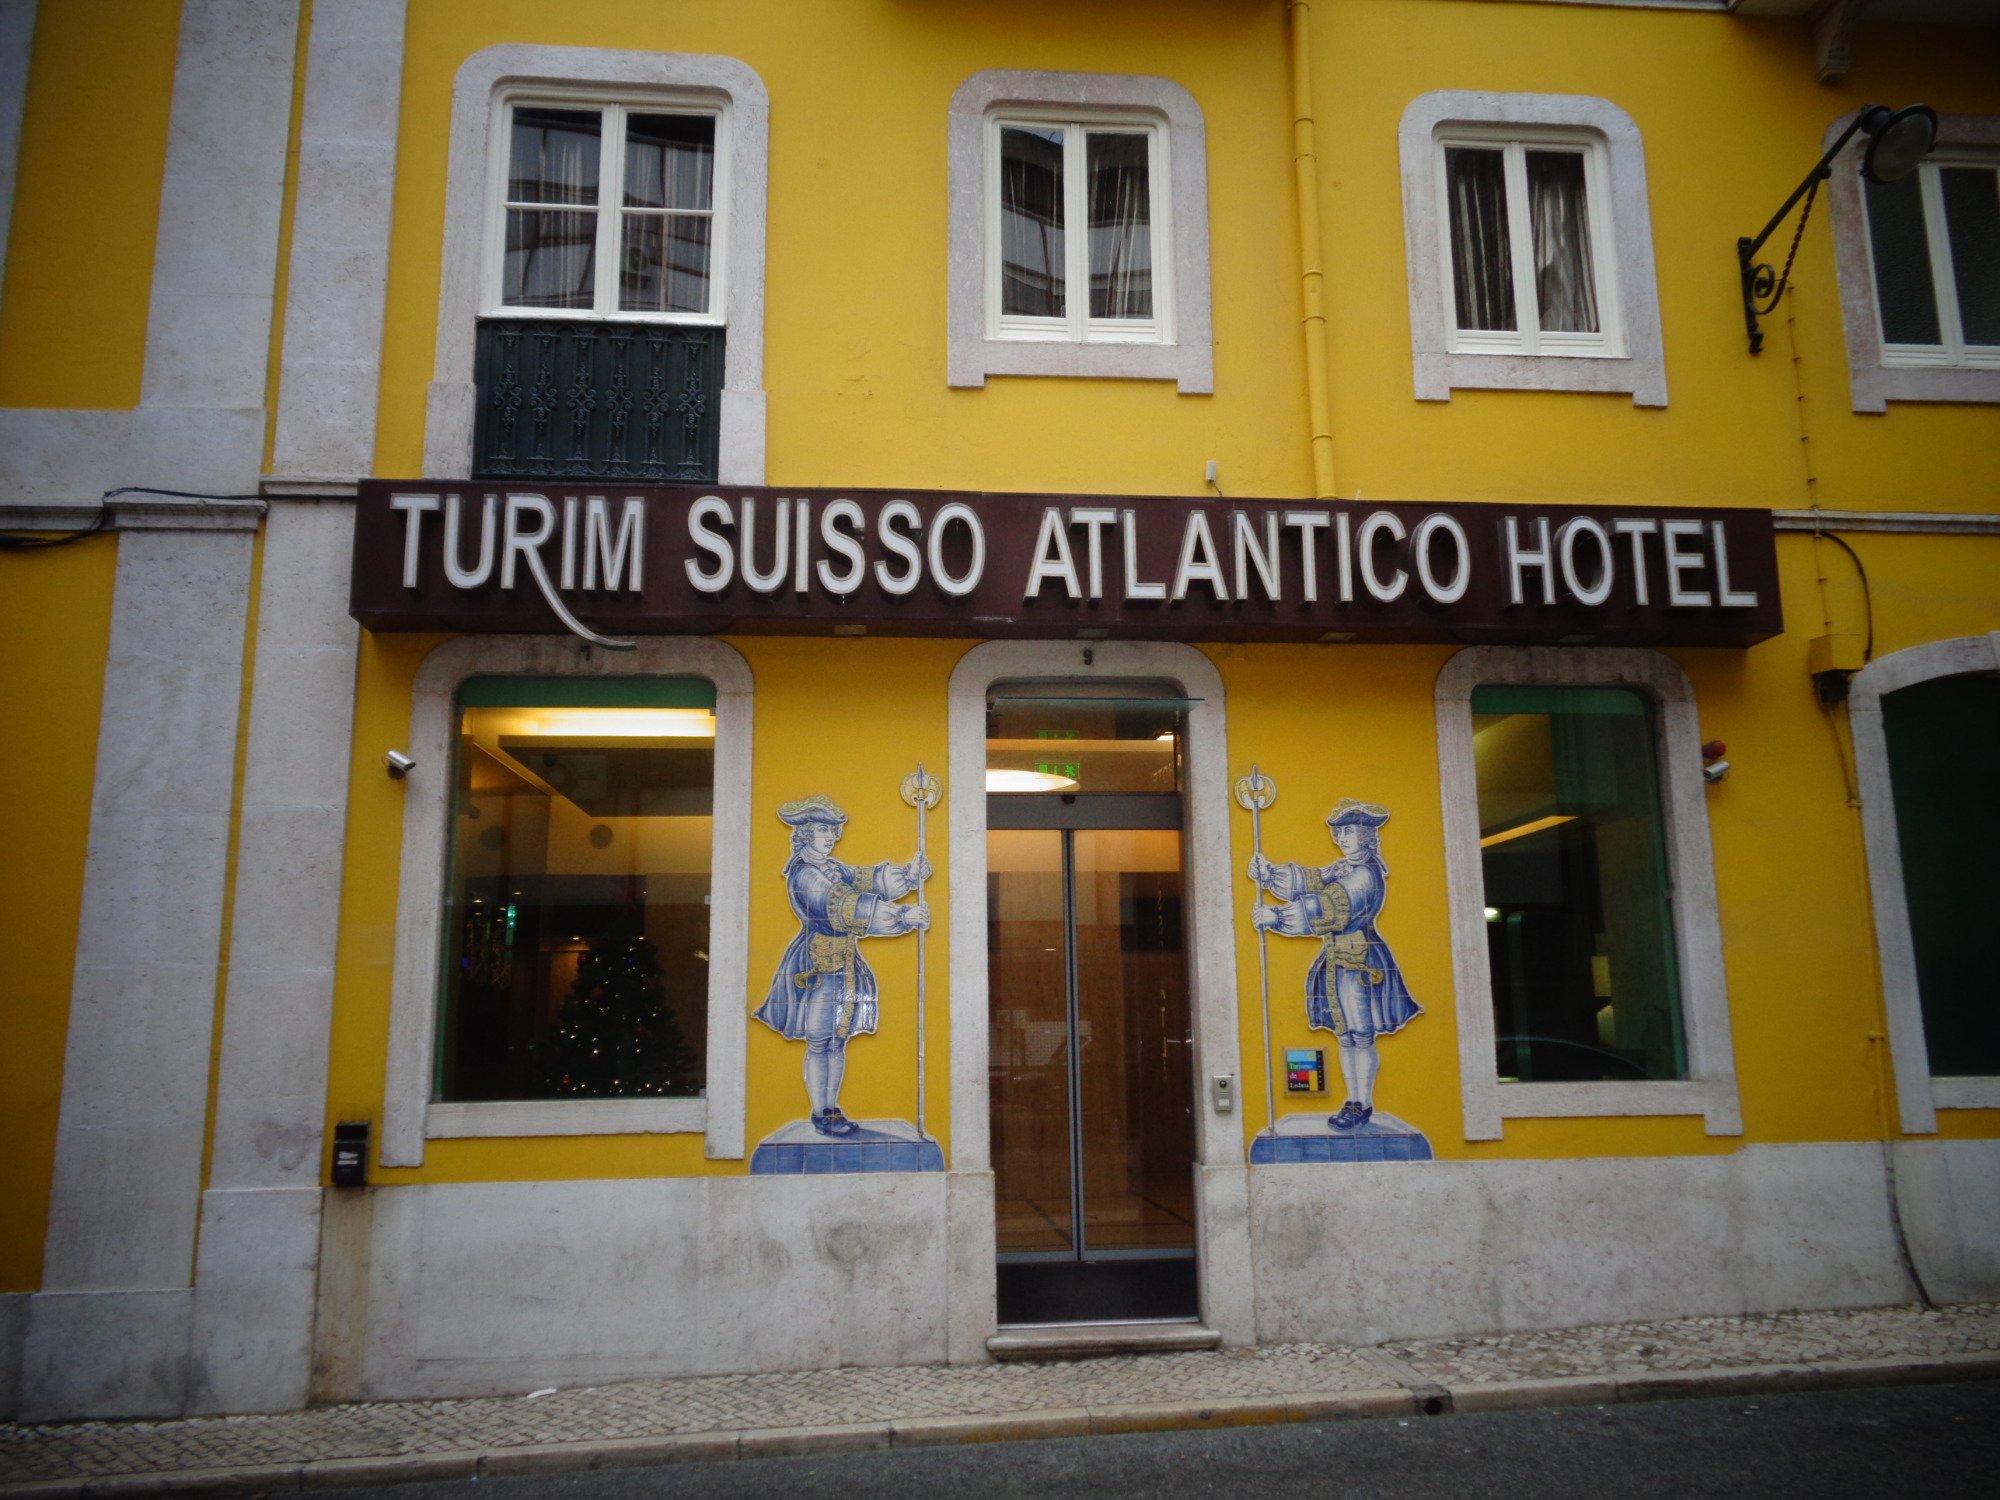 Suico Atlantico Hotel